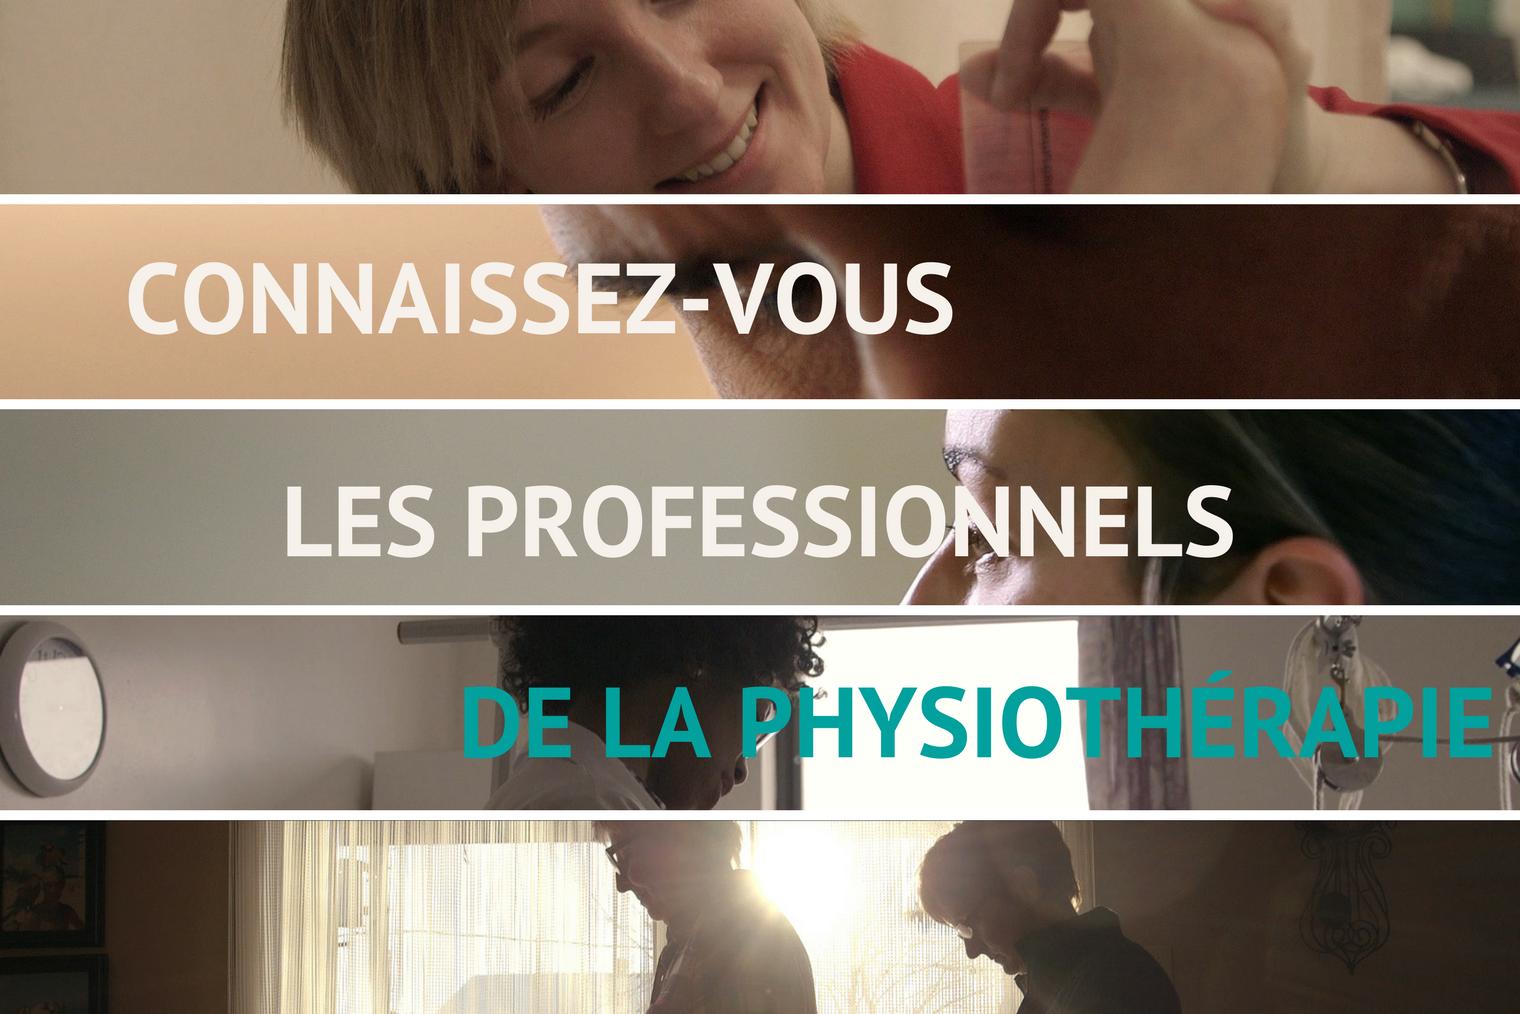 Les professionnels de la physiothérapie